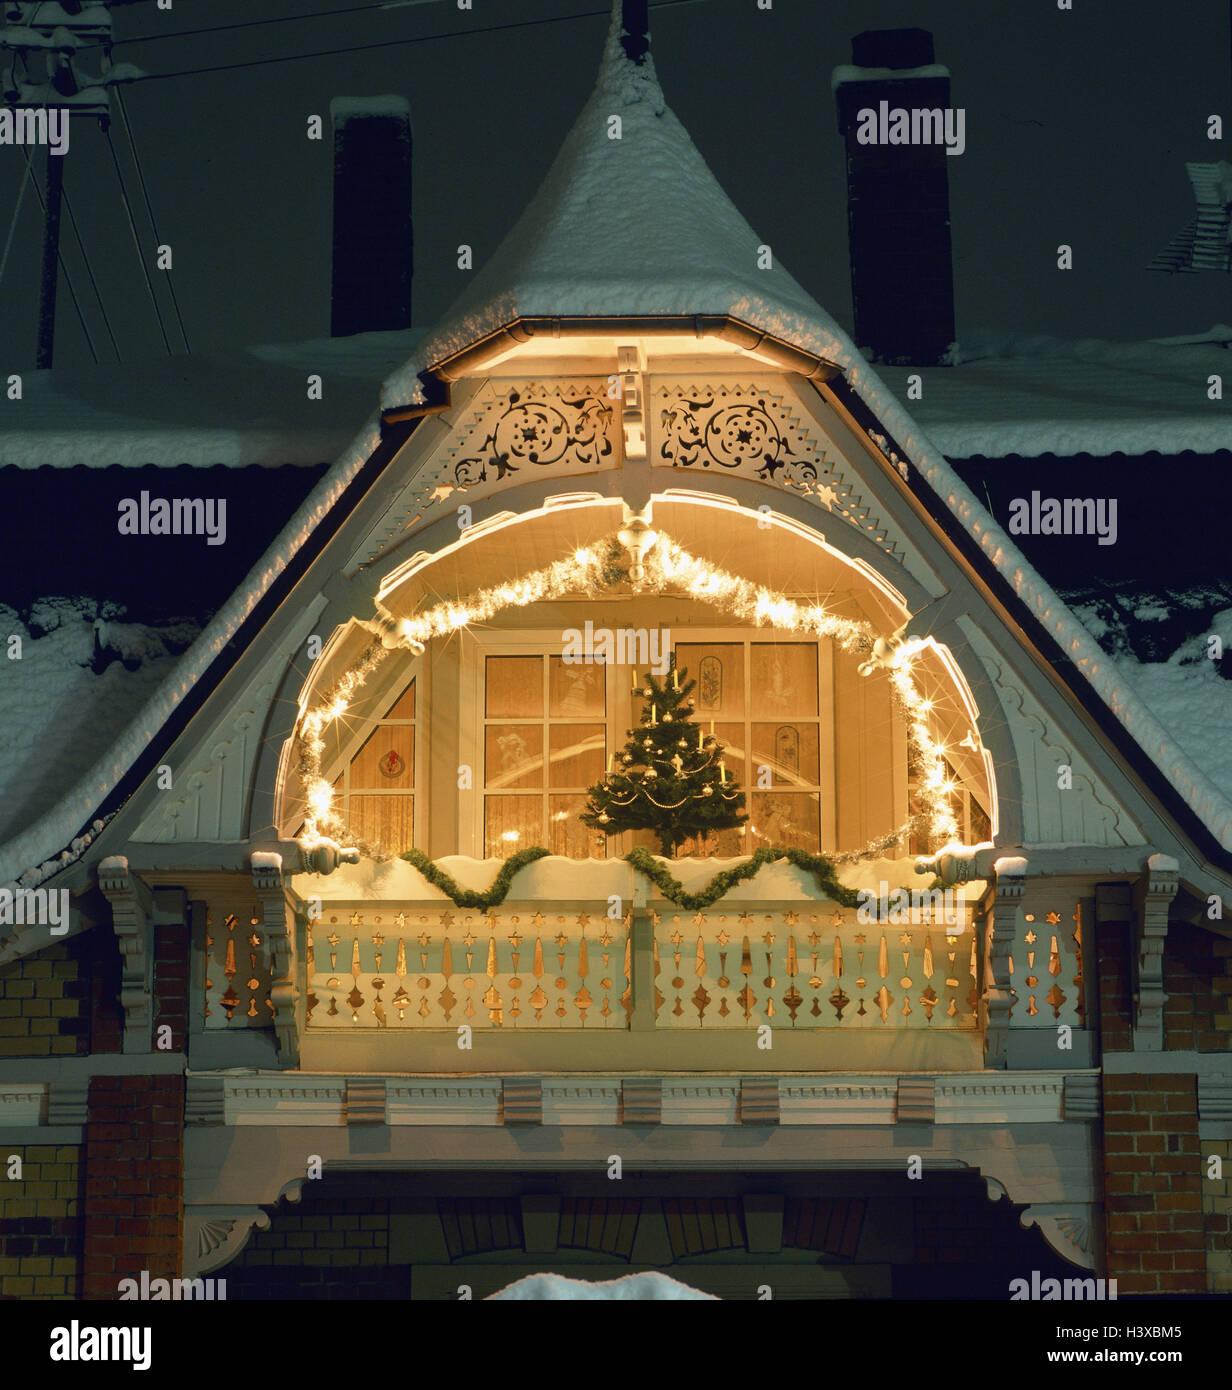 Wohnhaus, Giebel, Balkon, Weihnachtsdekoration, Abend, Deutschland ...